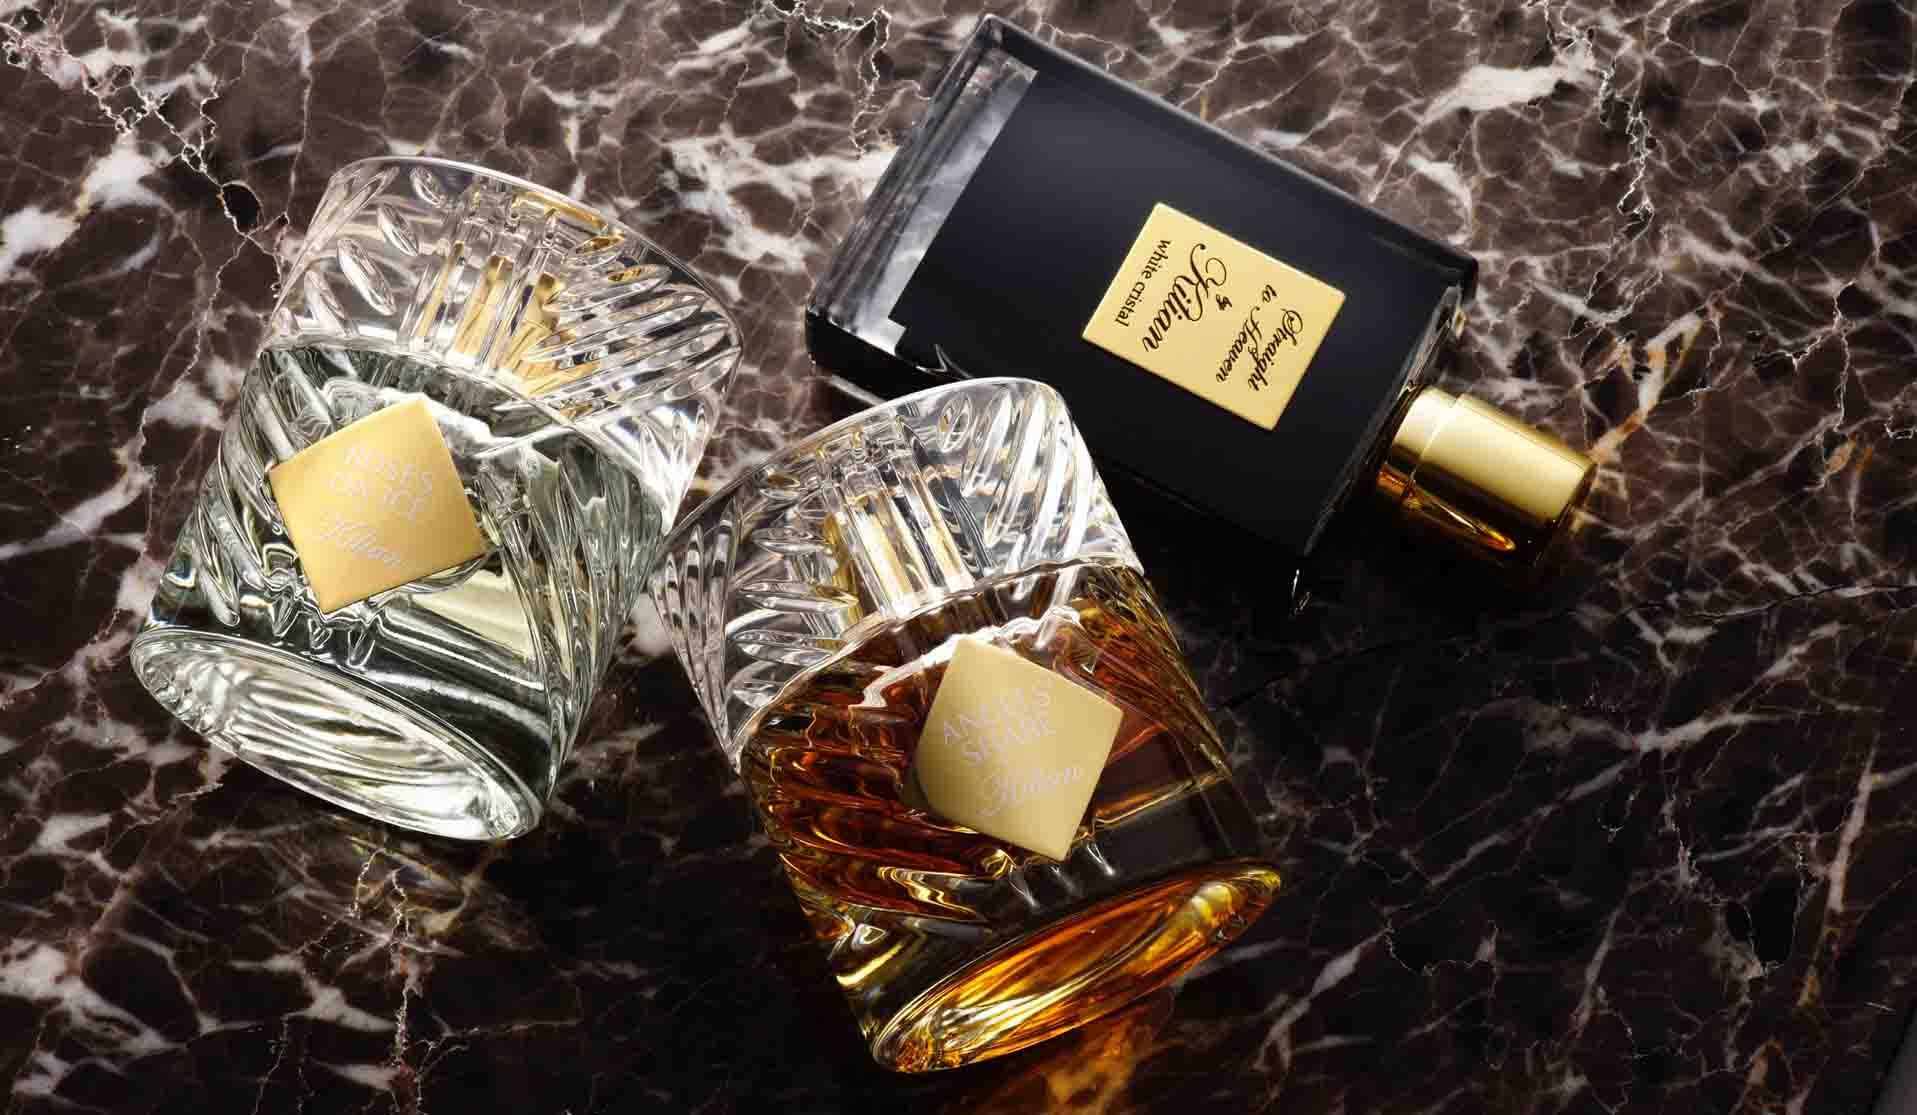 「キリアン」の香水